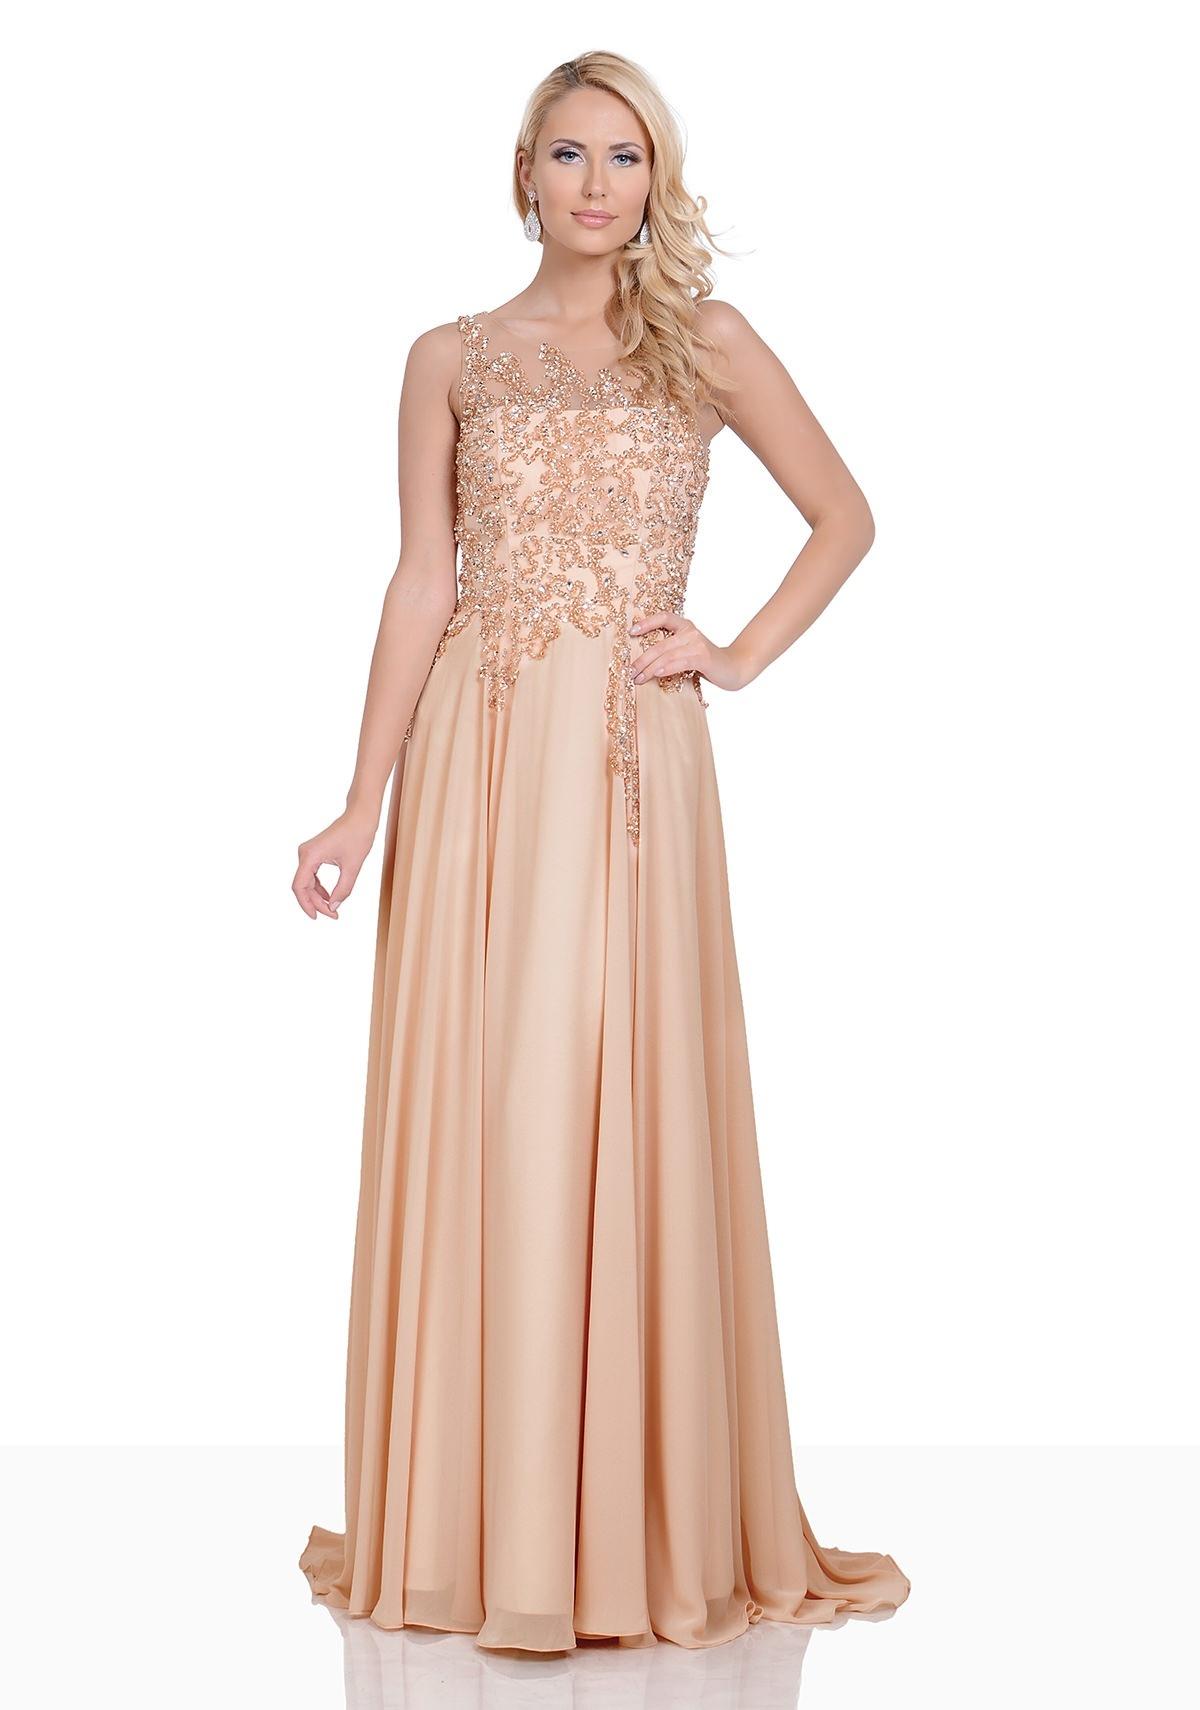 13 leicht abendkleid gold boutique  abendkleid